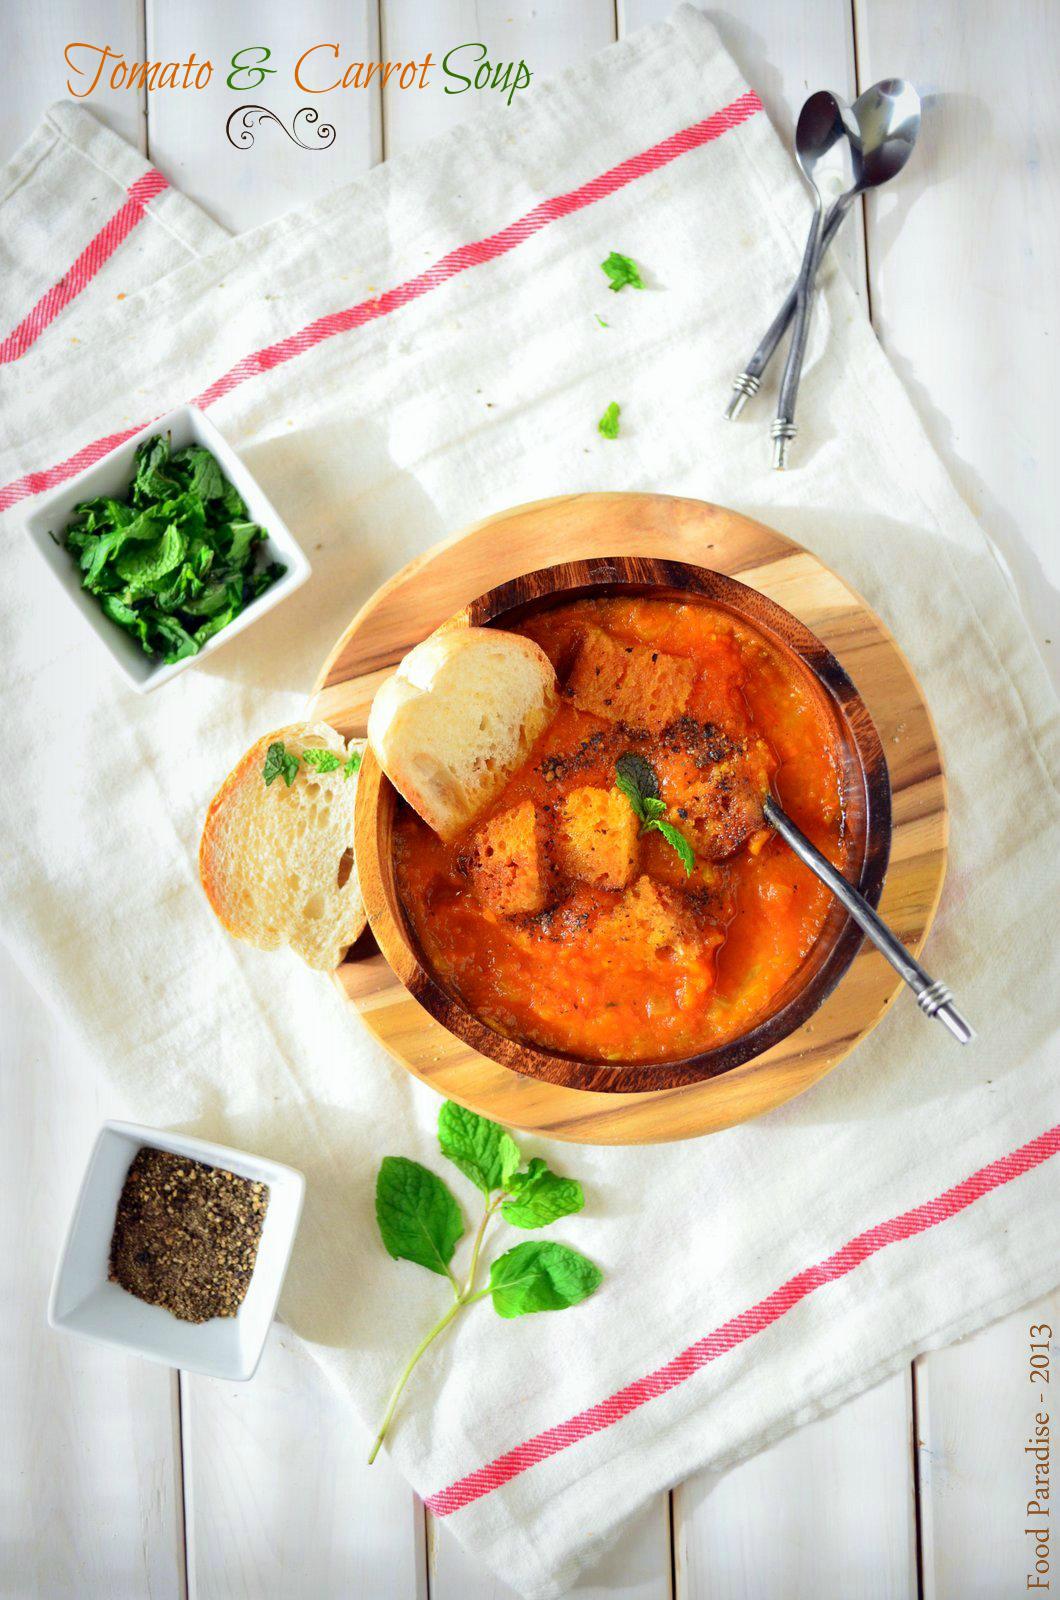 Tomato & Carrot Soup